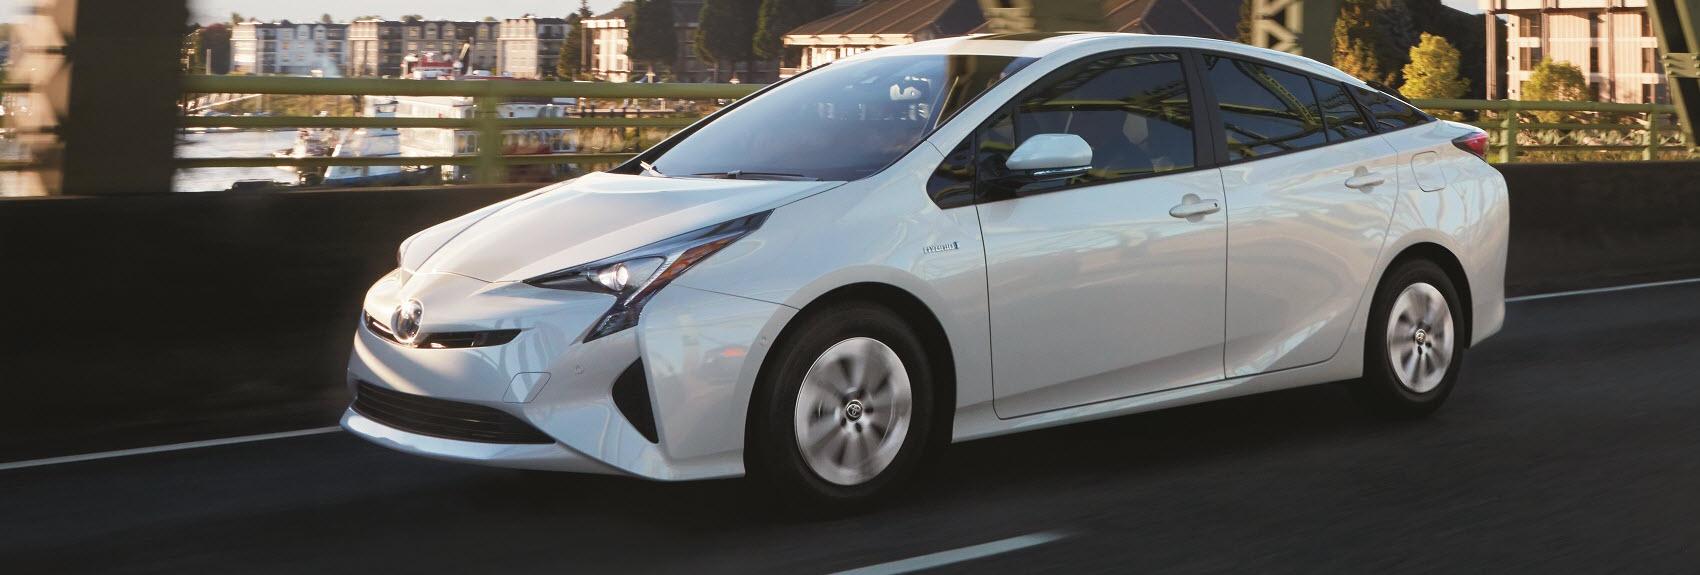 CPO Toyota near Savannah Georgia